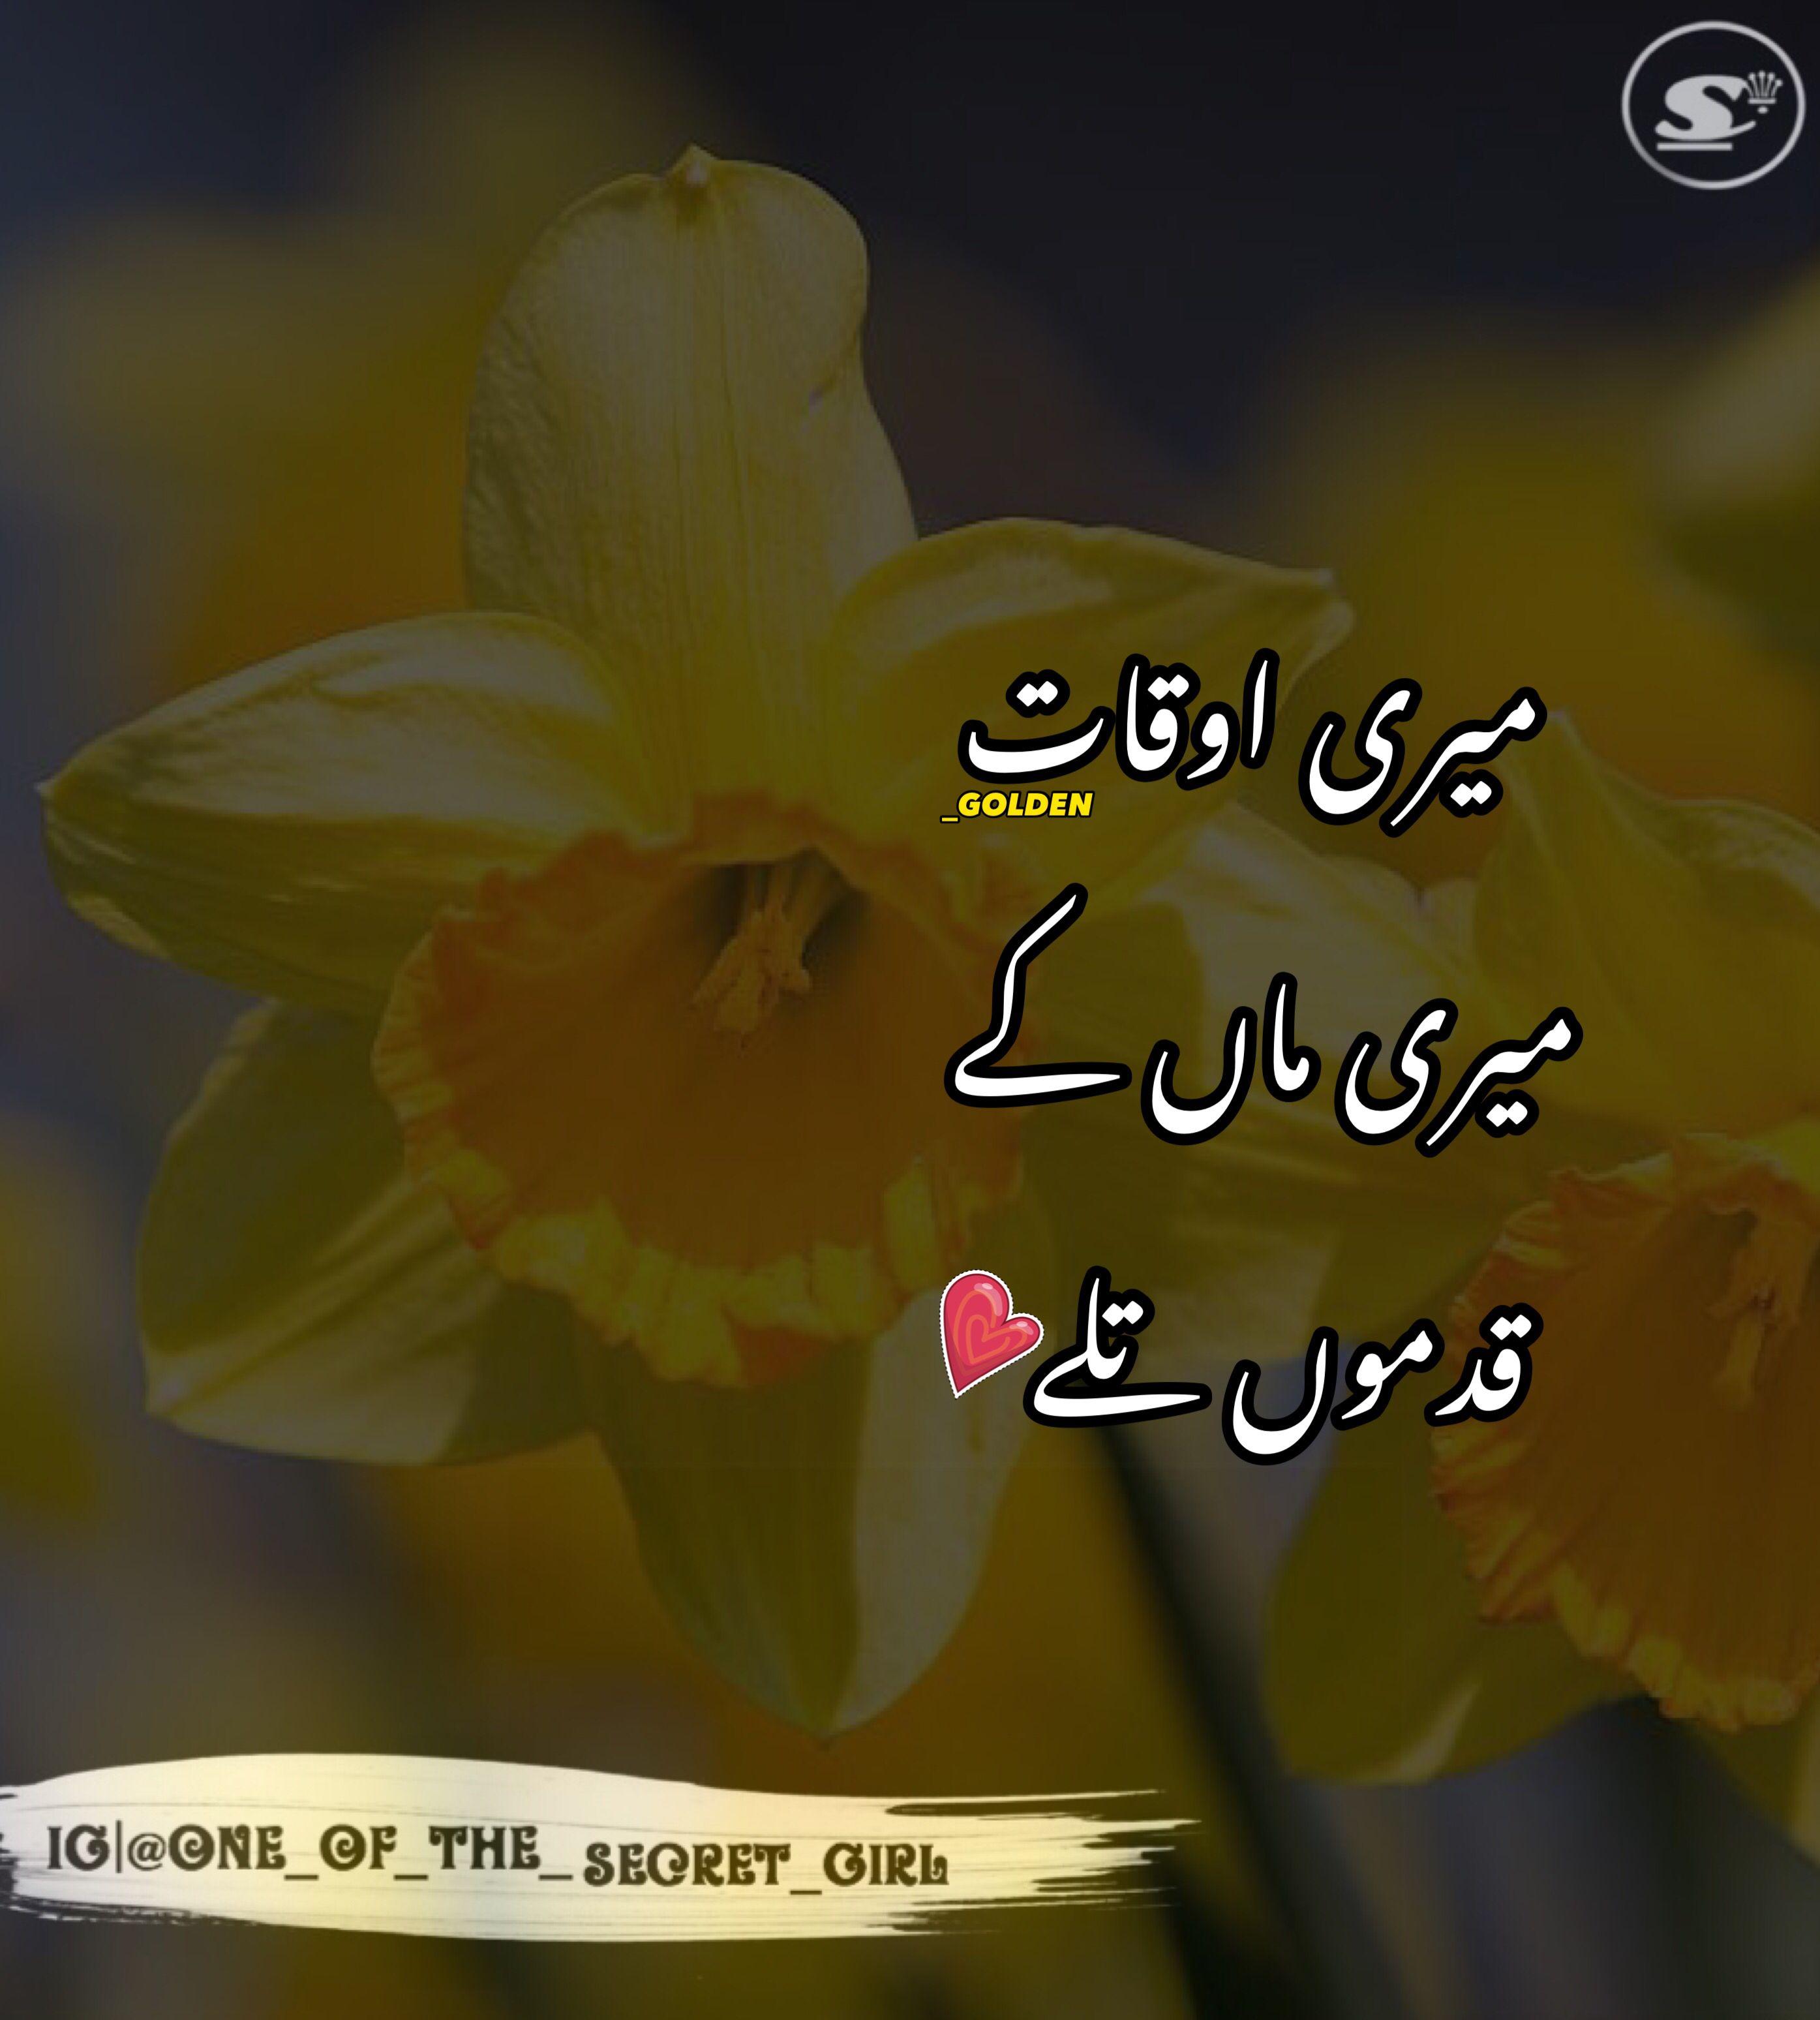 Pin By Anabia Doll On Urdu Poetry Urdu Thoughts Urdu Poetry Urdu Shayri